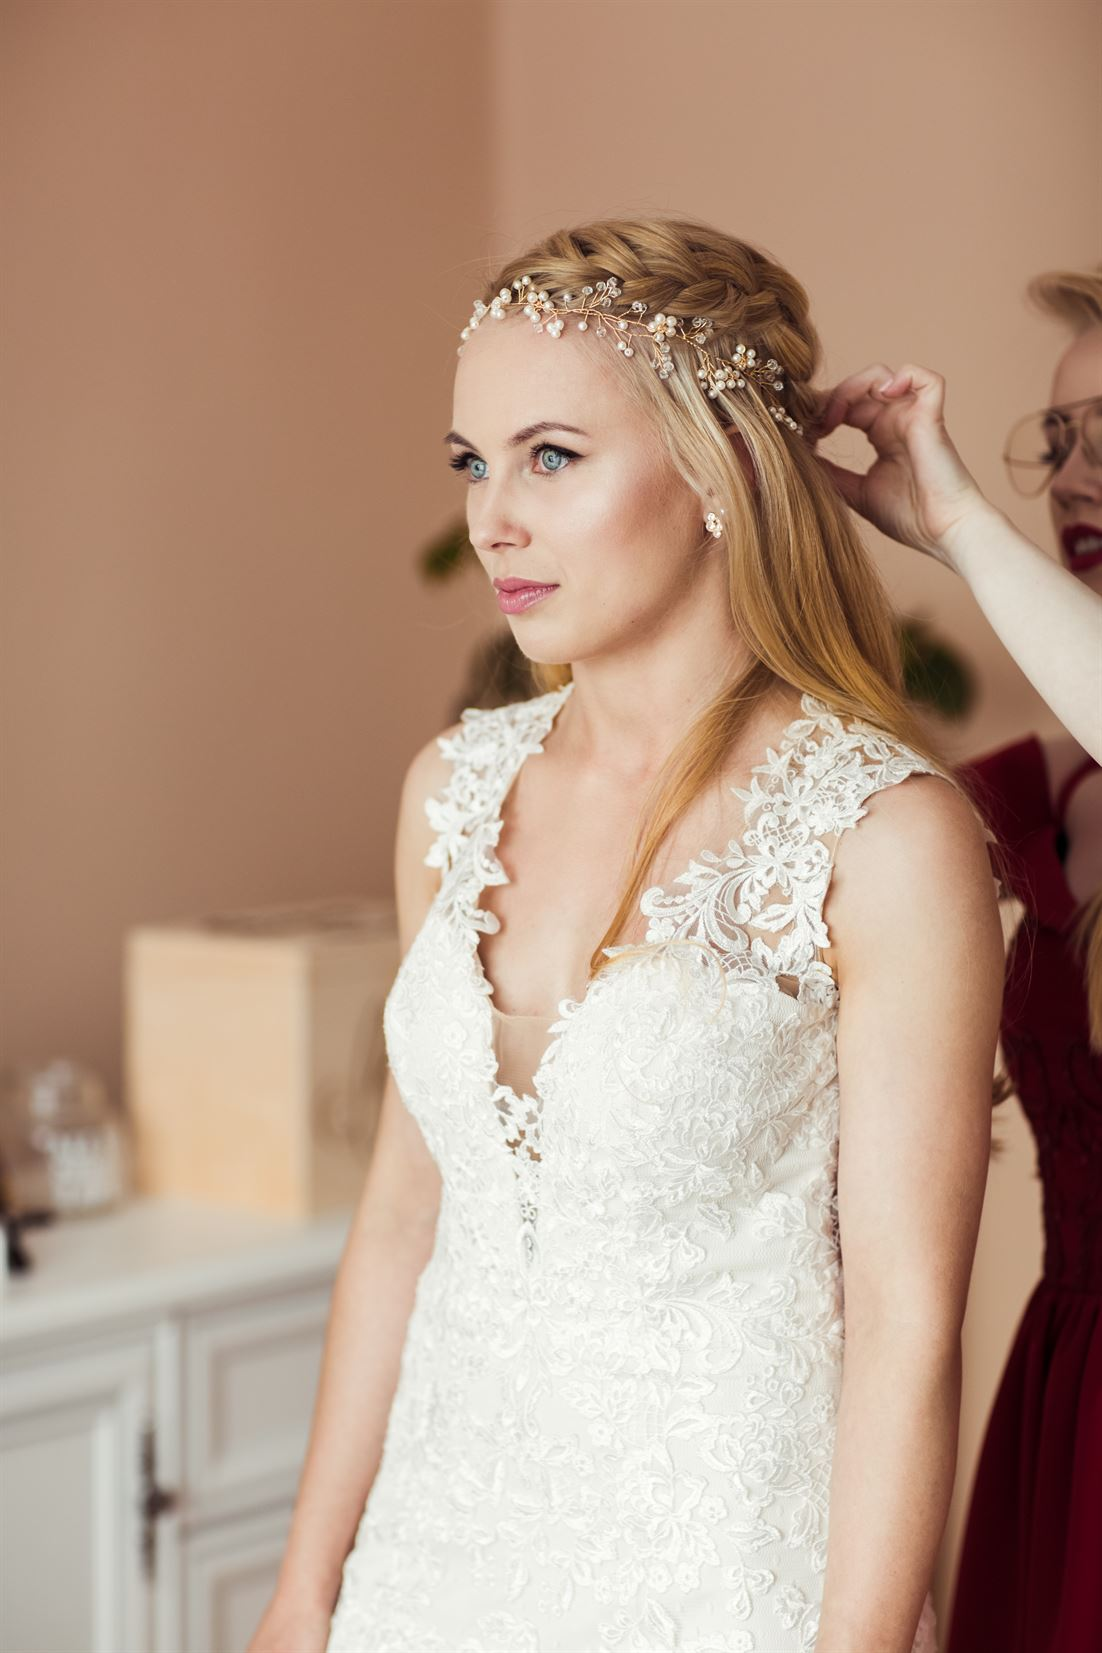 fryzura ślubna, okolicznościowa dla kobiety Starachowice